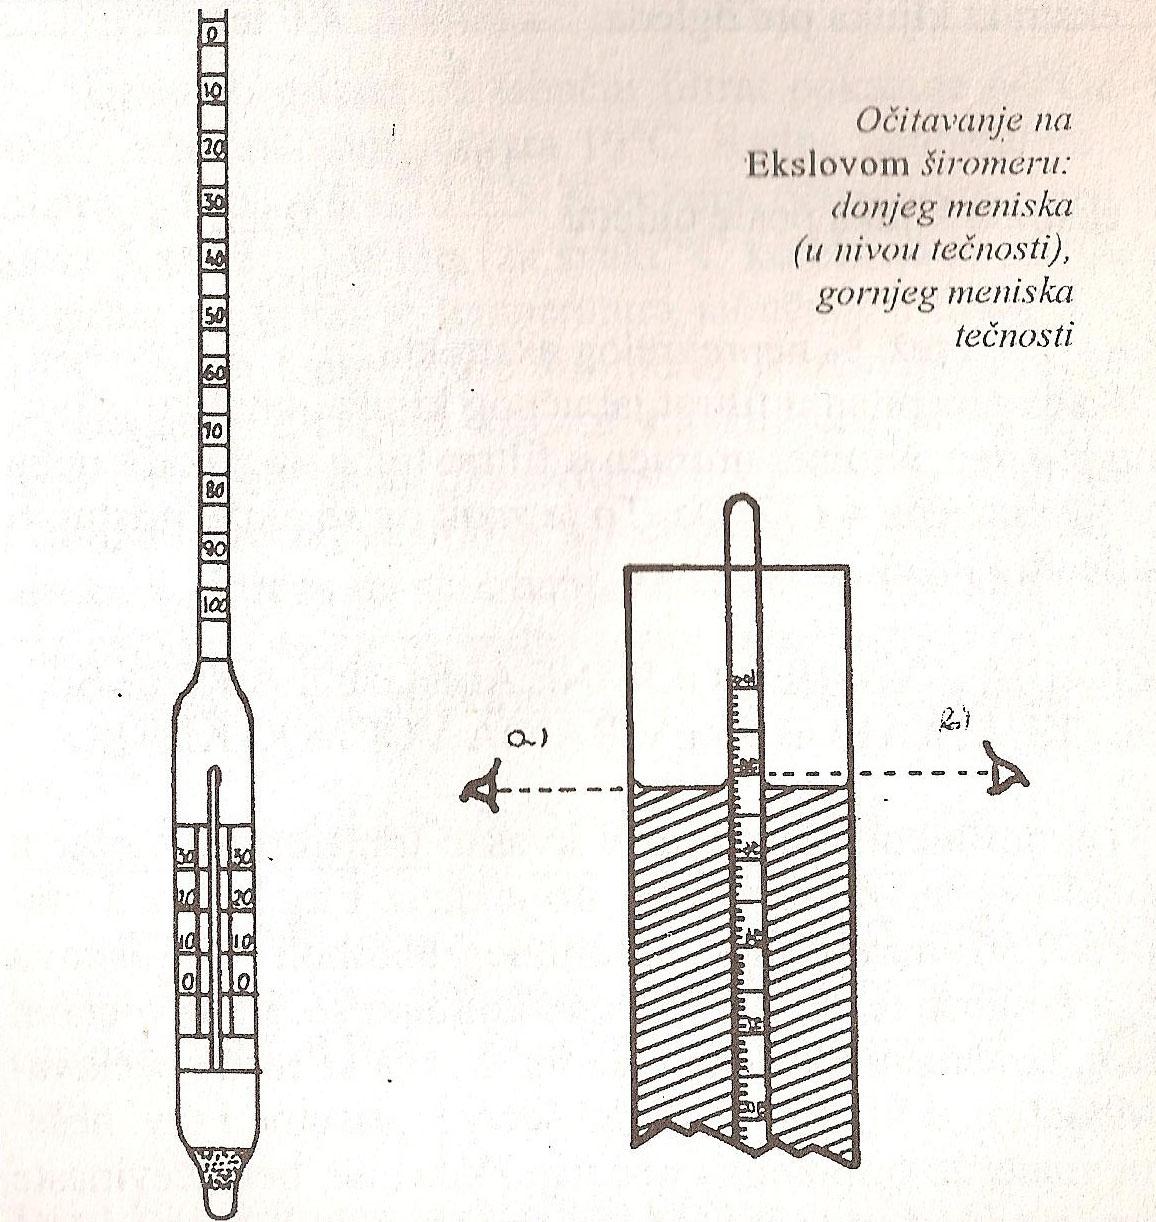 Ekslov širomer